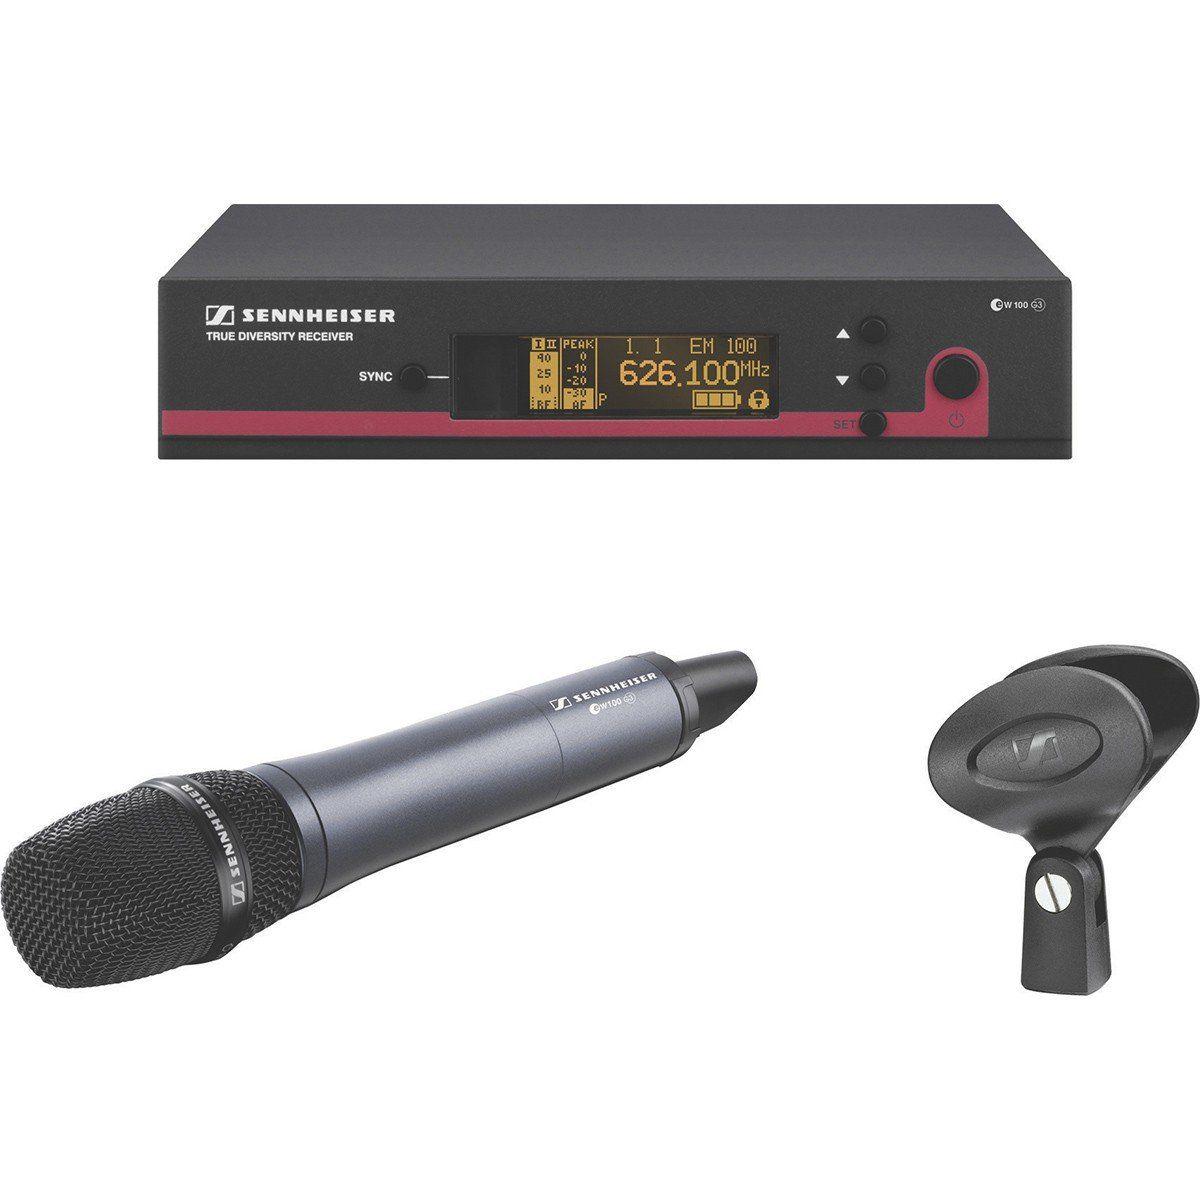 Sennheiser EW 115 g3 Sistema de Microfone sem fio EW115-G3 para Apresentações